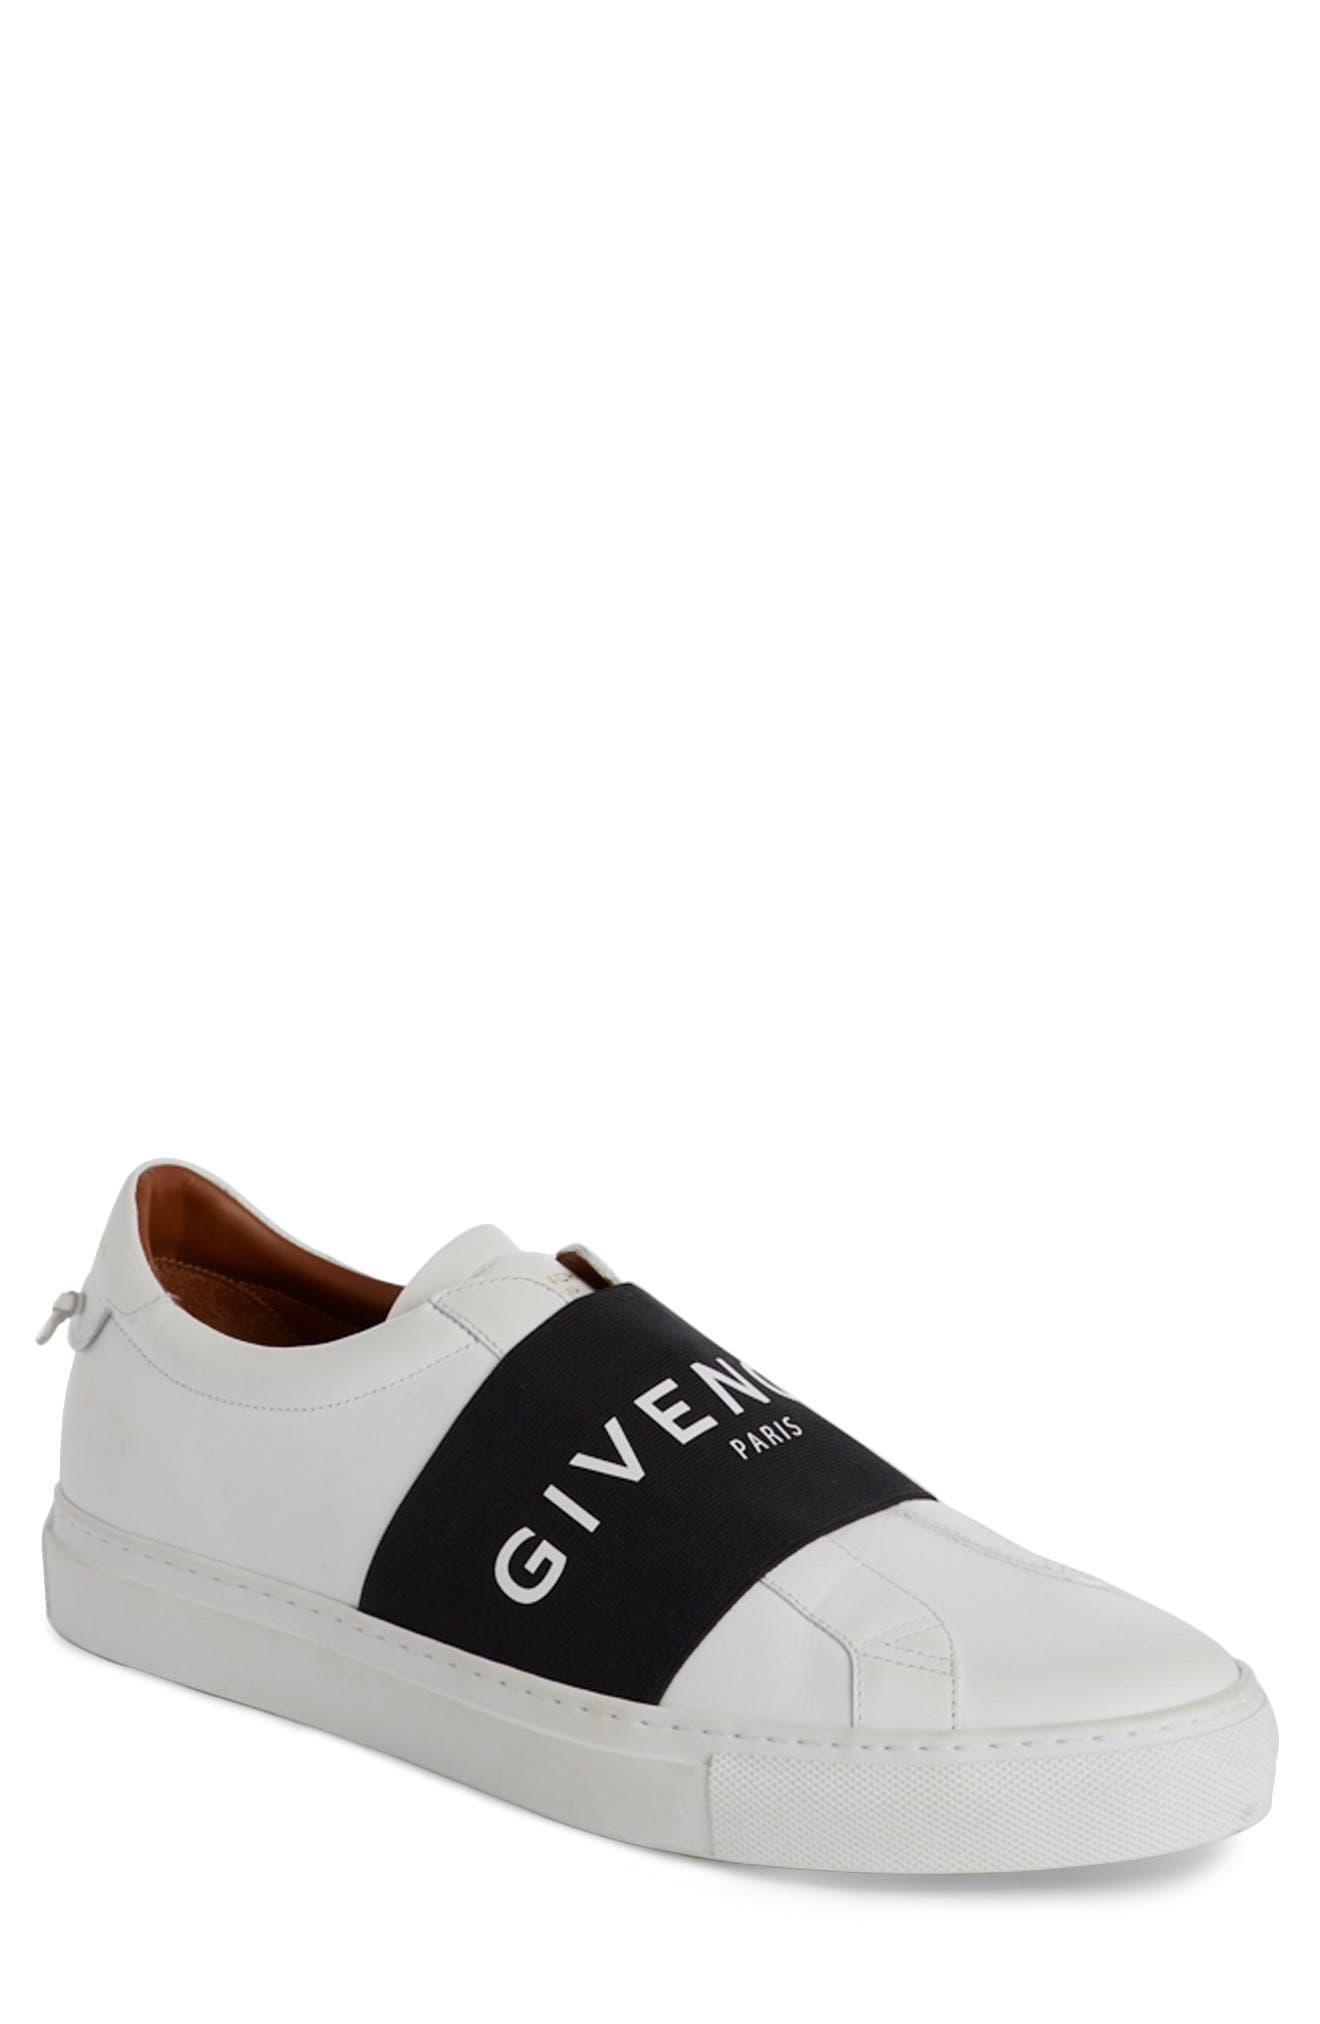 Logo Strap Slip-On Sneaker,                             Main thumbnail 1, color,                             WHITE/ BLACK